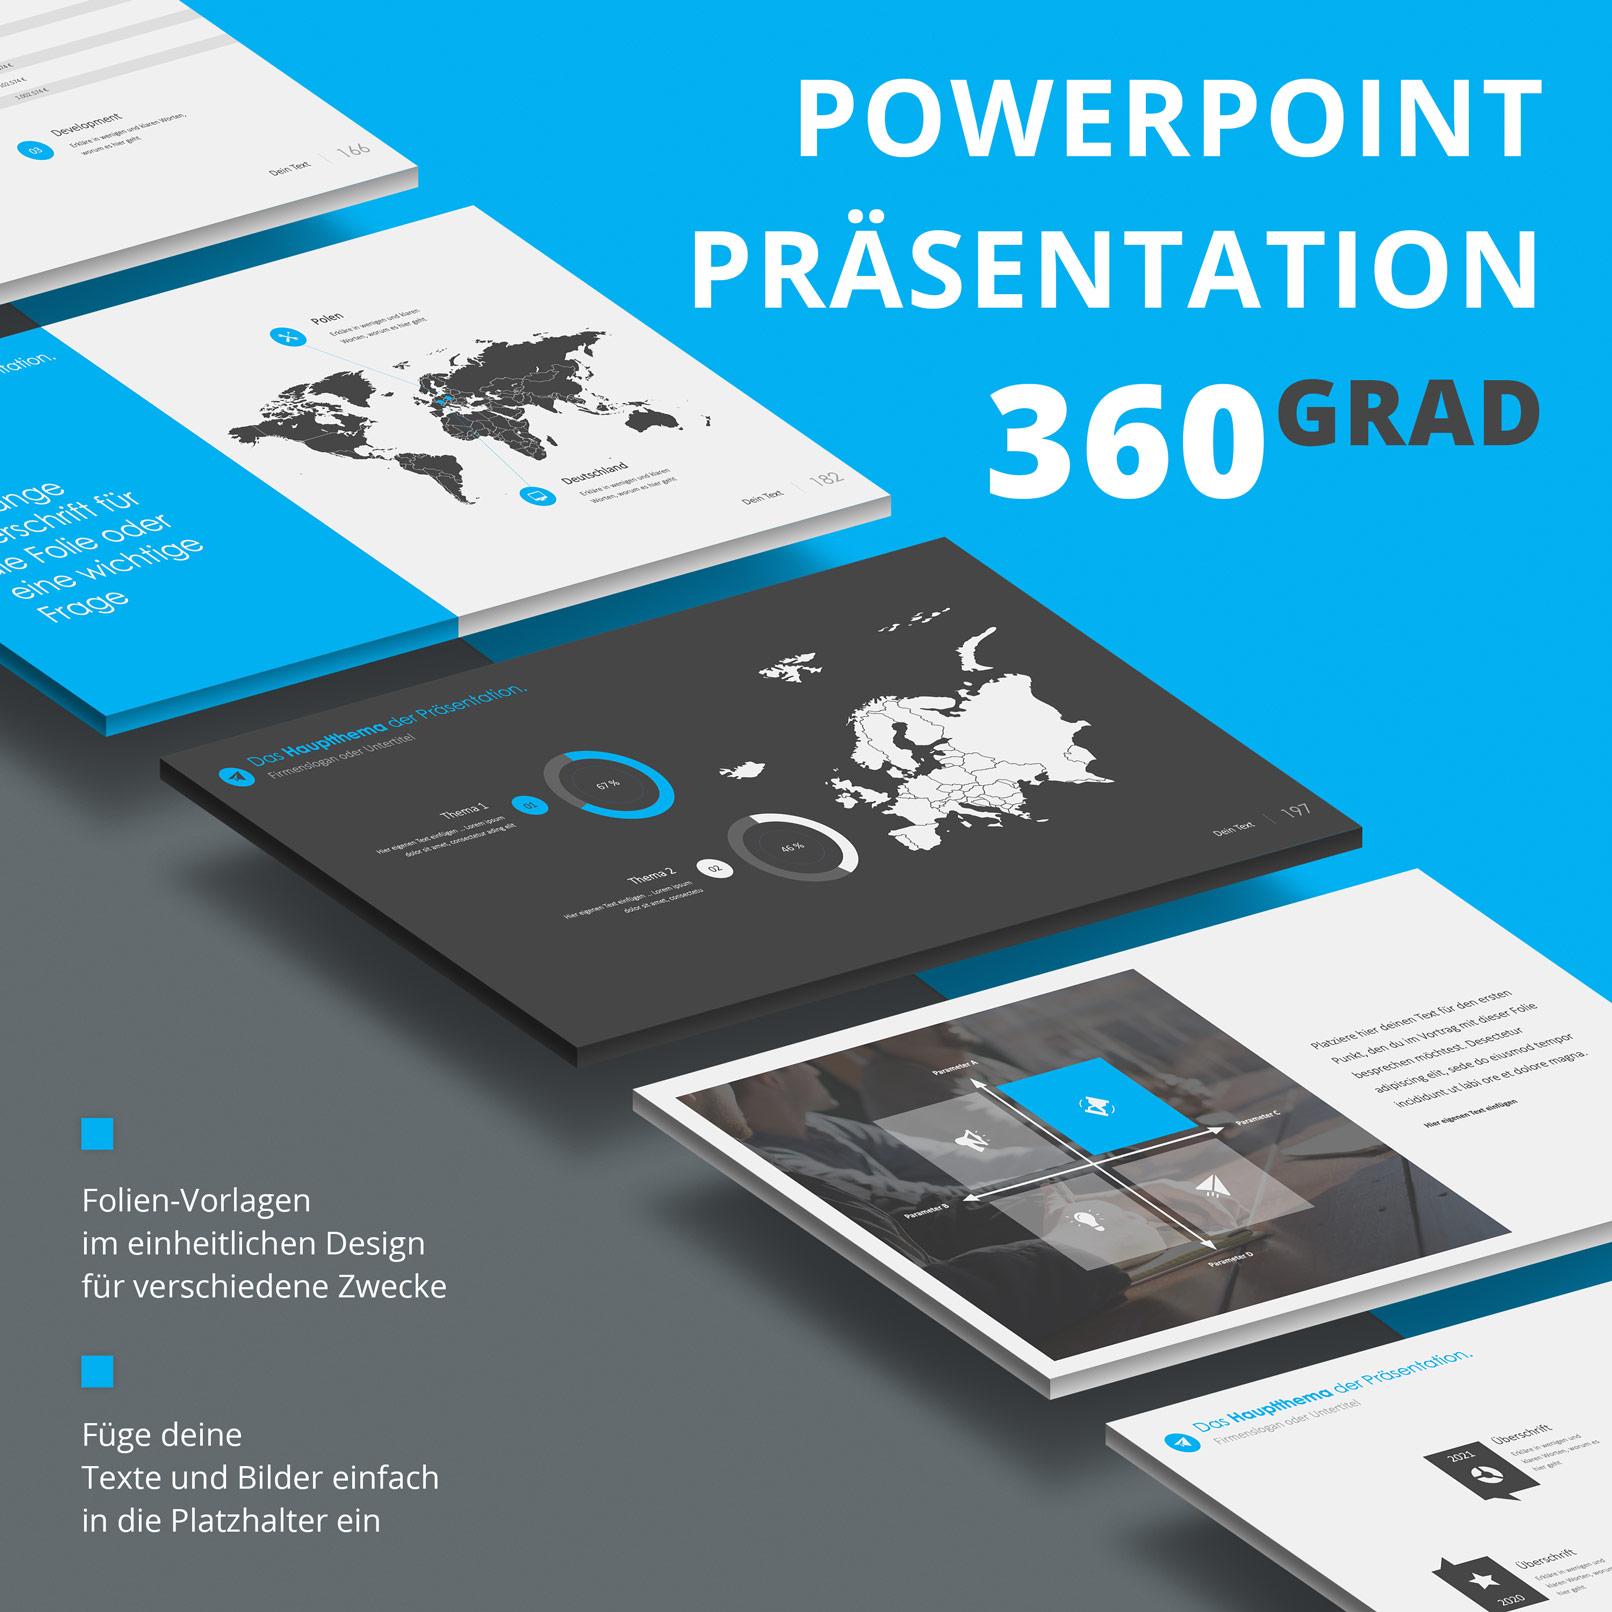 PowerPoint-Vorlagen für Business-Präsentationen: Beispiel-Folien